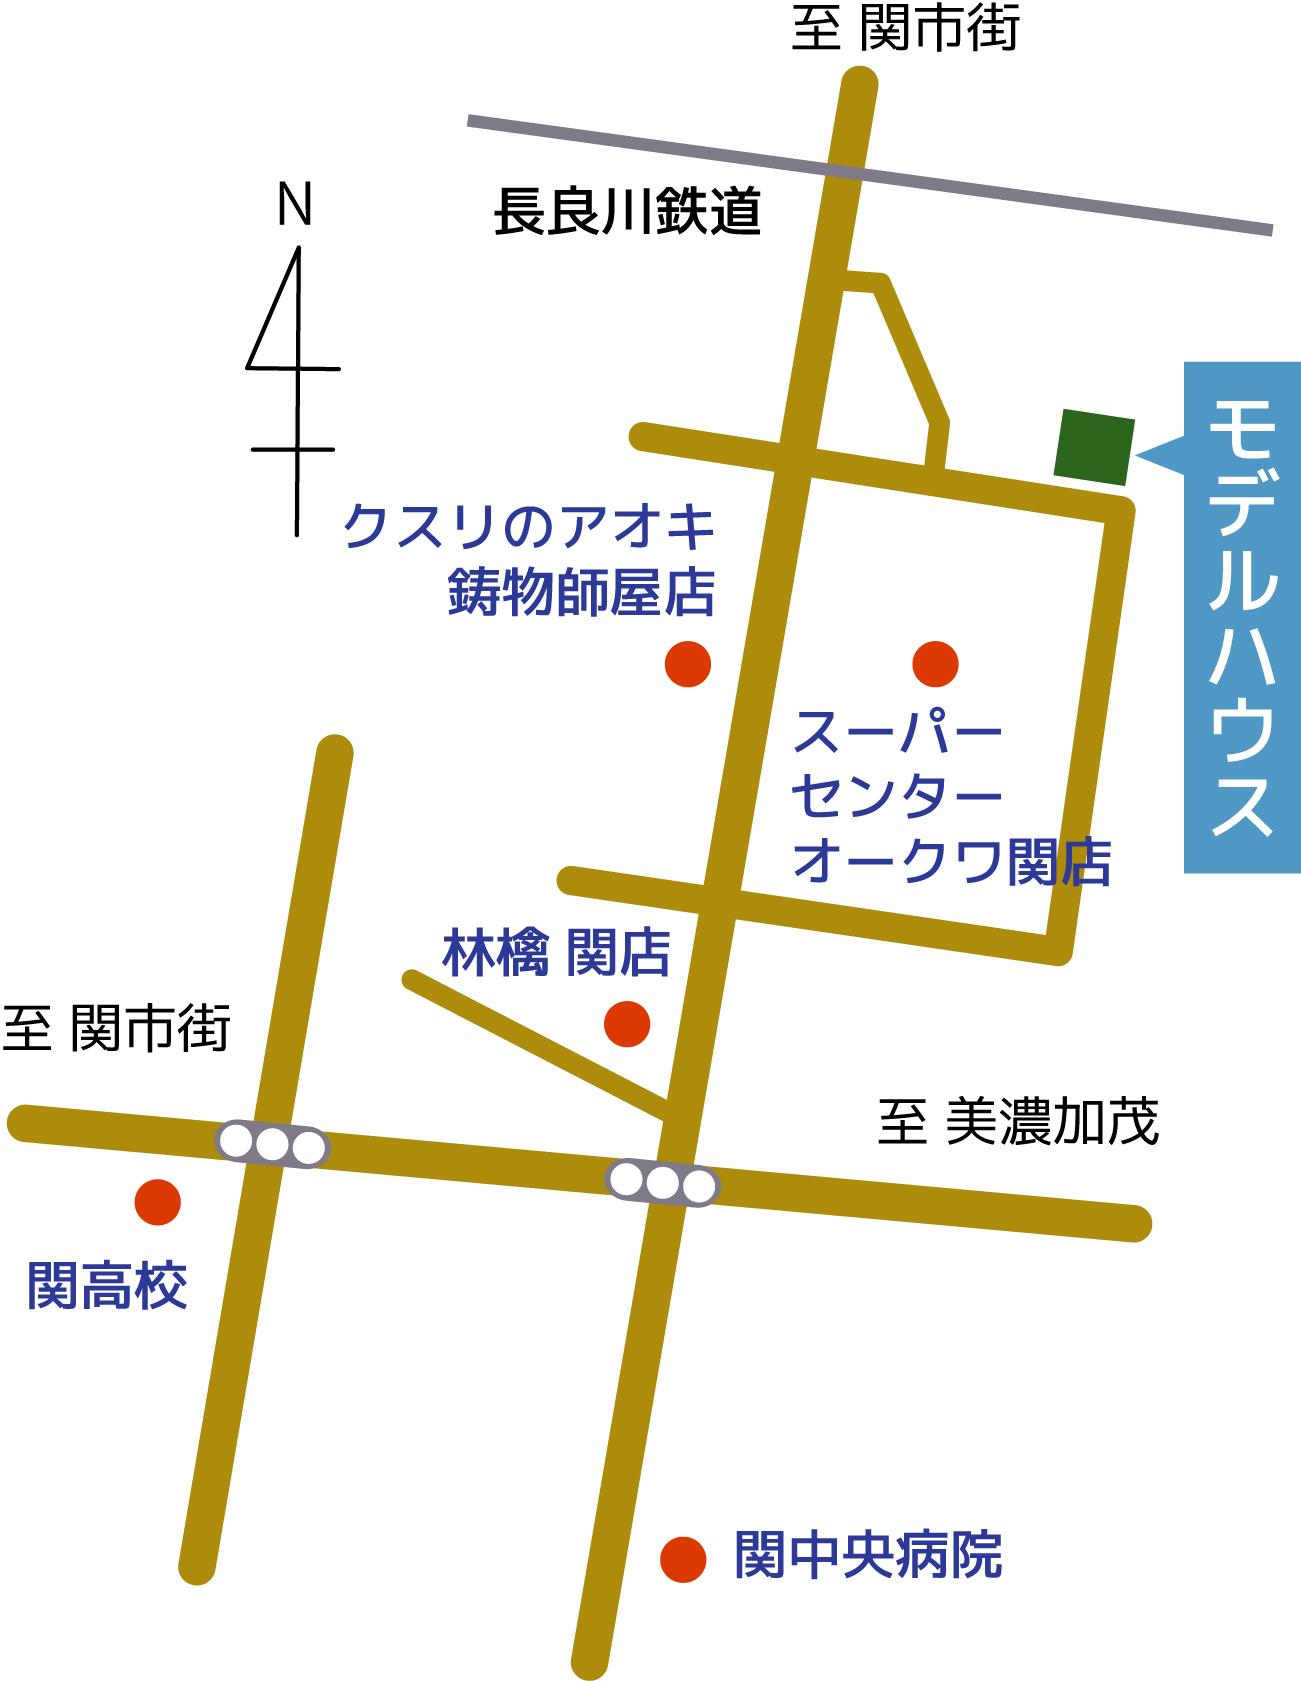 カシータ笠屋案内図